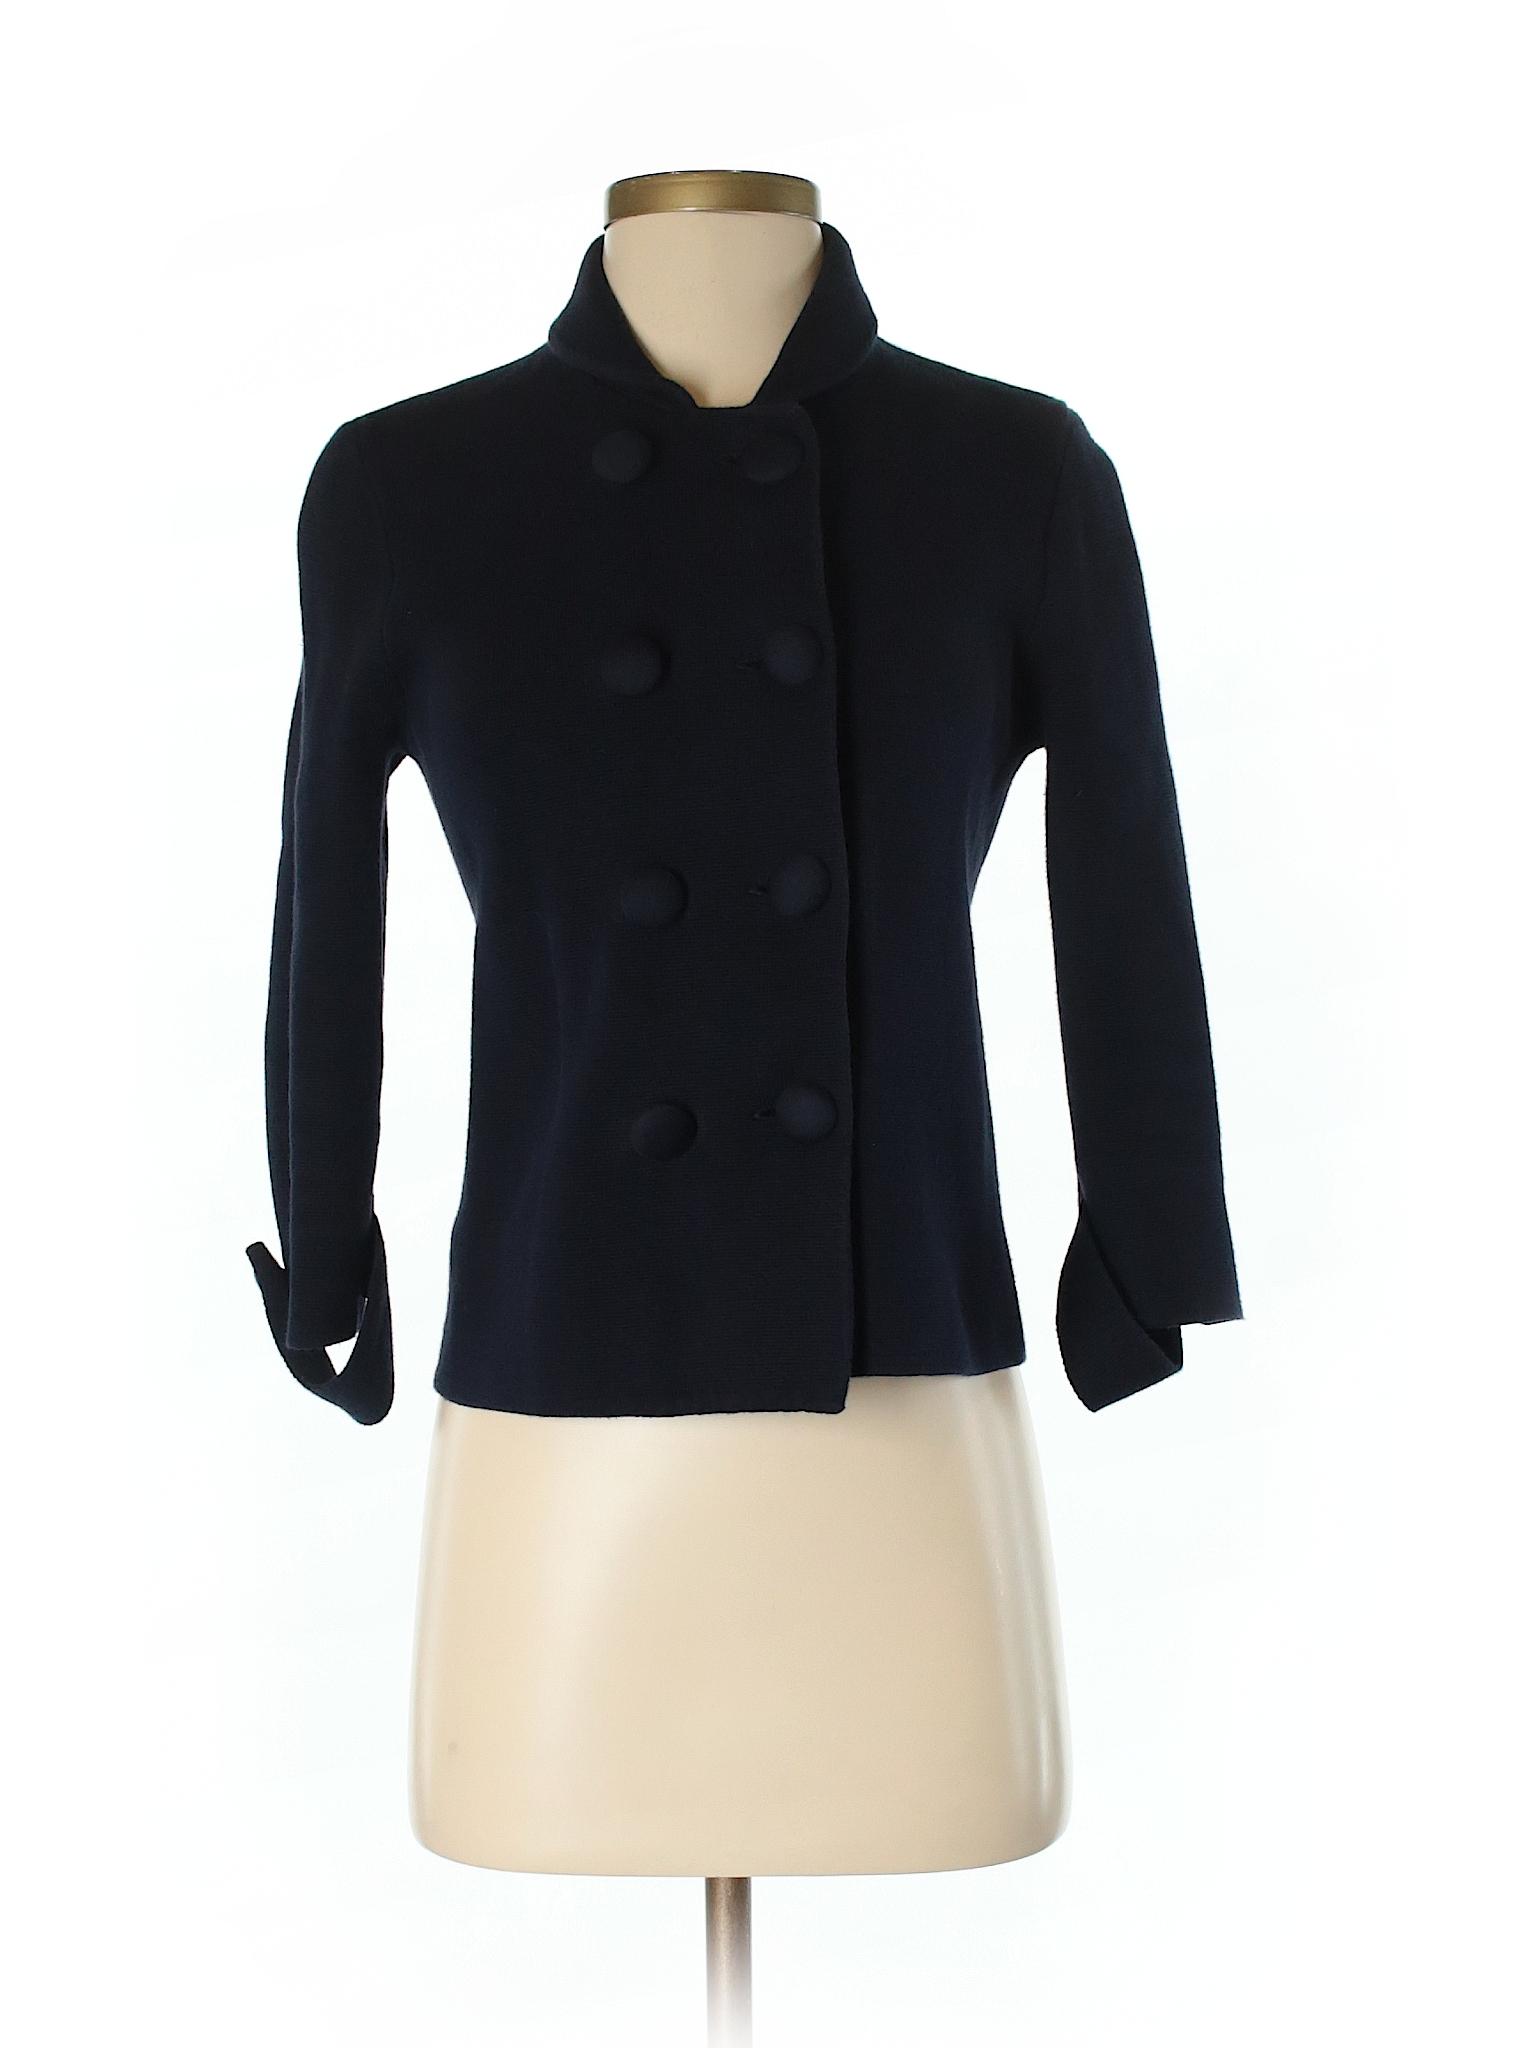 J Boutique Boutique Crew Jacket Winter Winter 7twFnqW57P